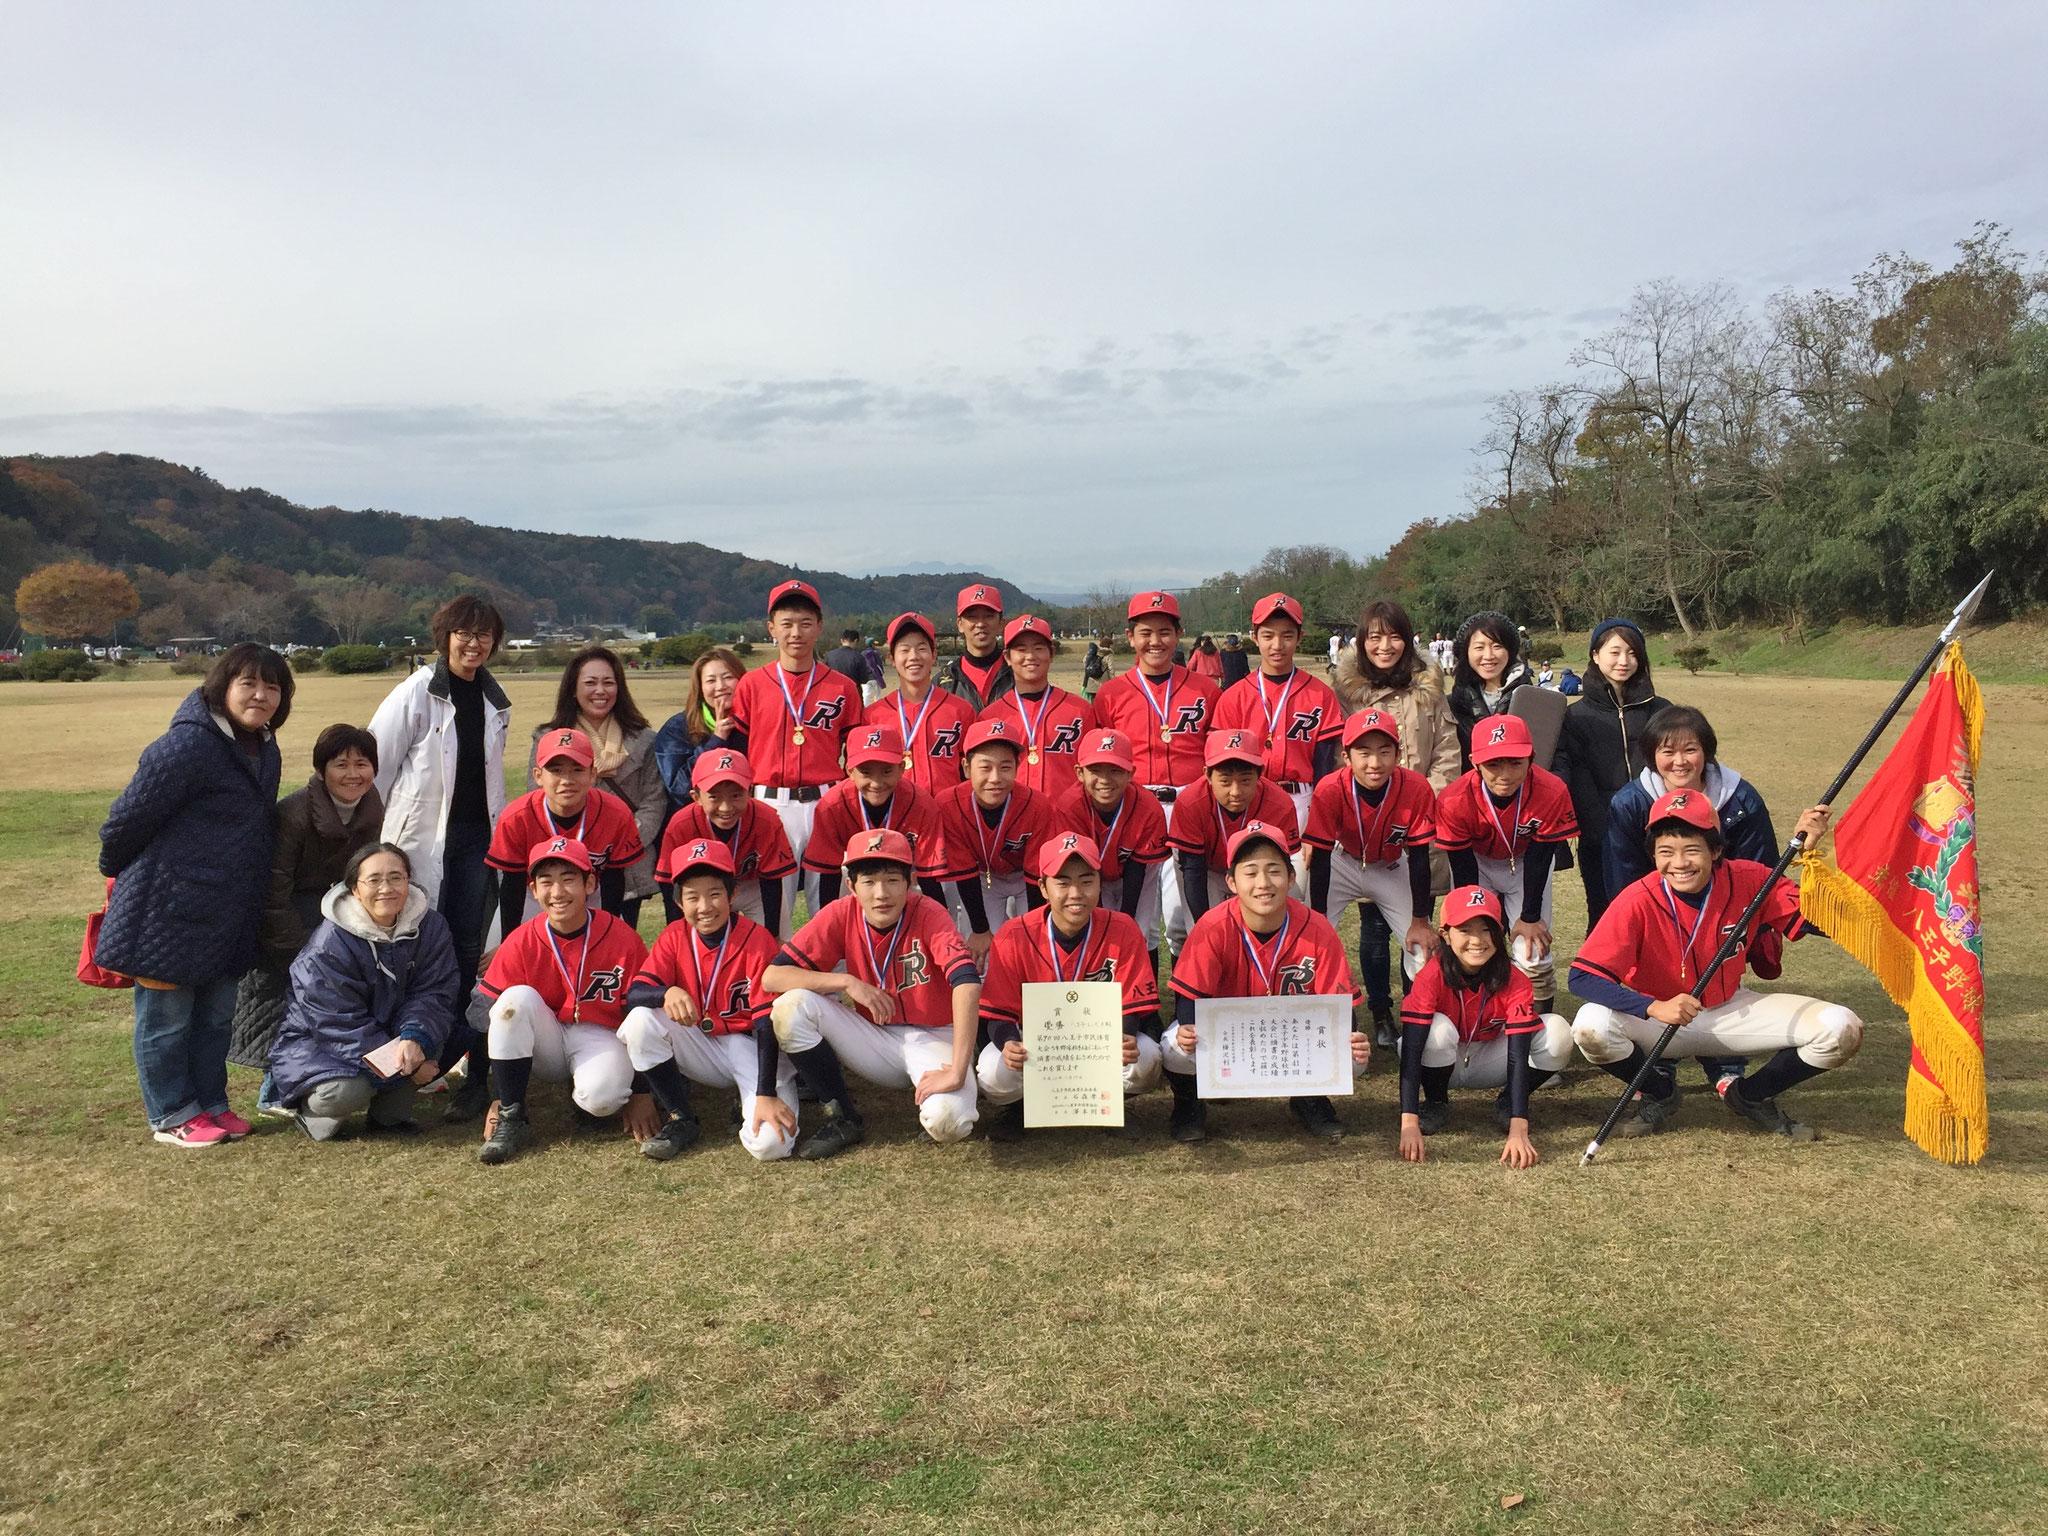 秋季大会(中学)優勝 八王子レッズA  H28.11.27(日) 滝ガ原グラウンド